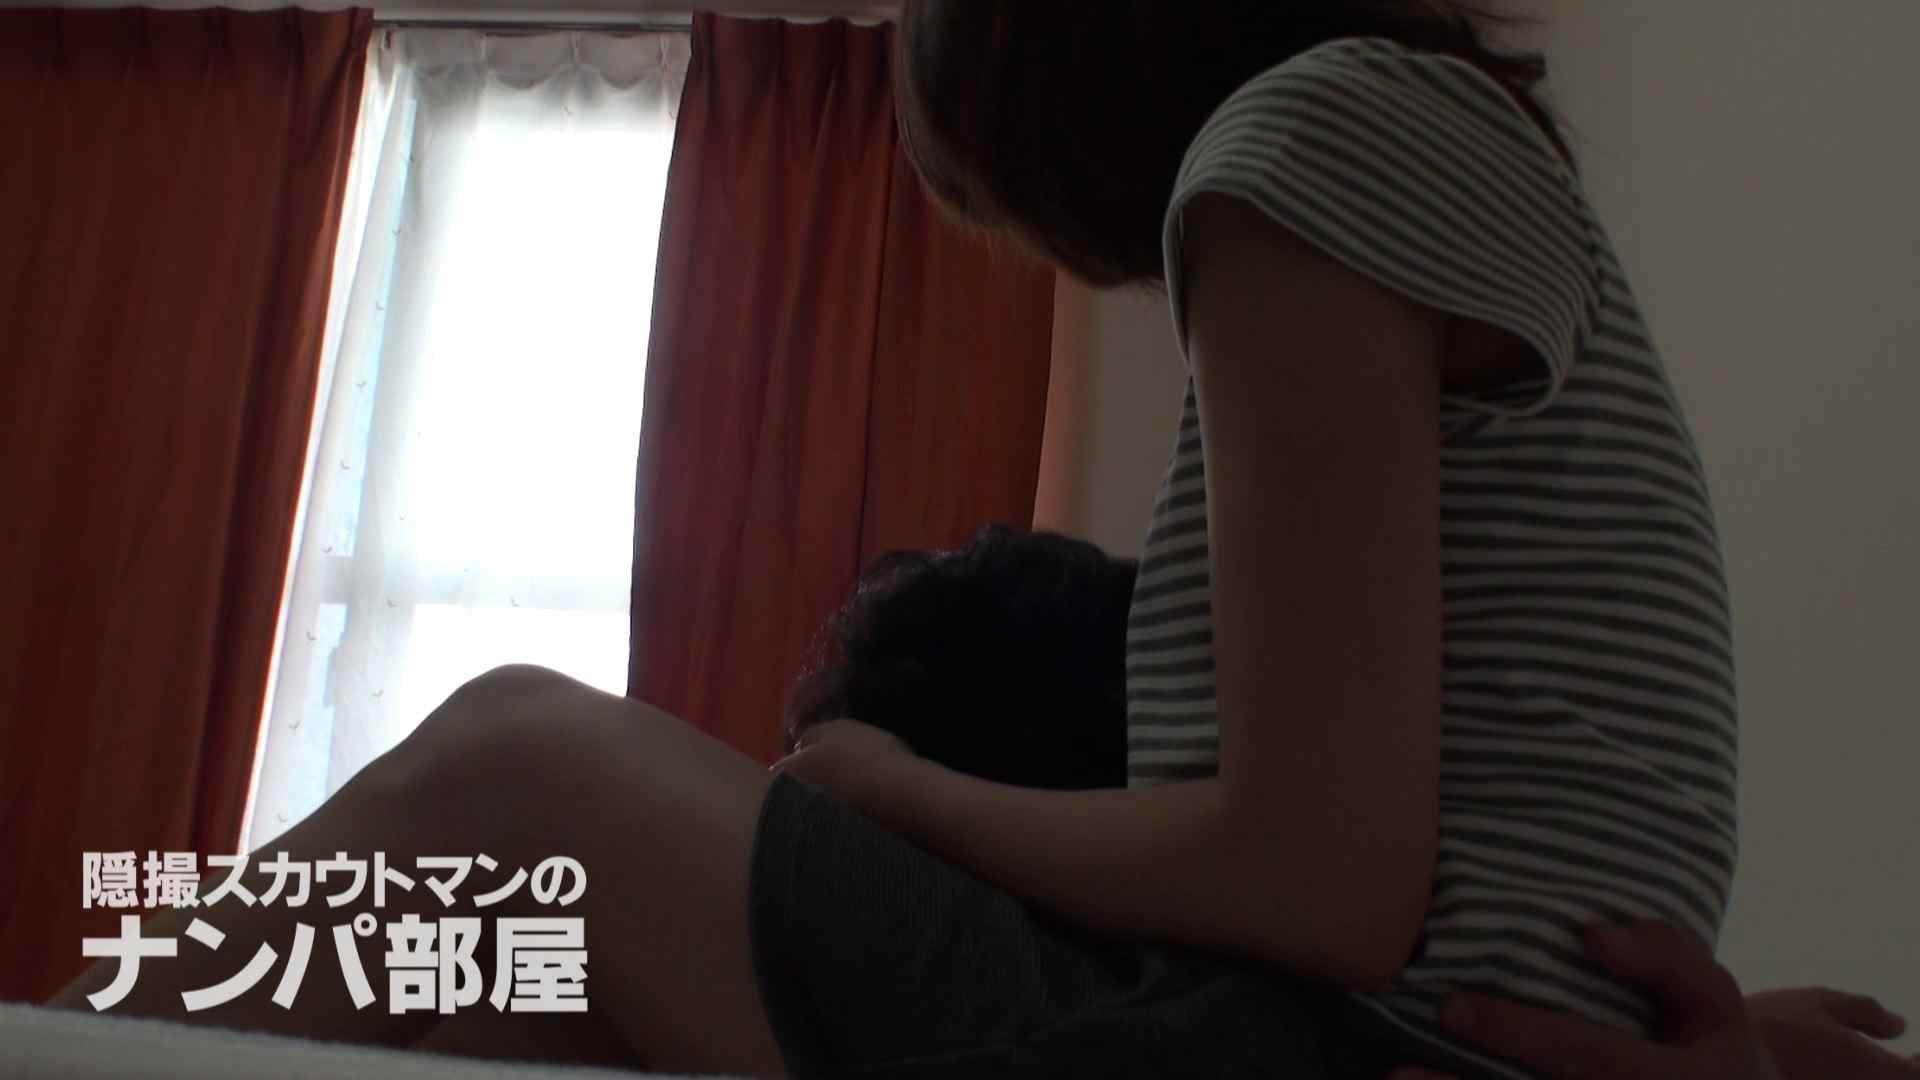 隠撮スカウトマンのナンパ部屋~風俗デビュー前のつまみ食い~ siivol.3 0  55連発 30